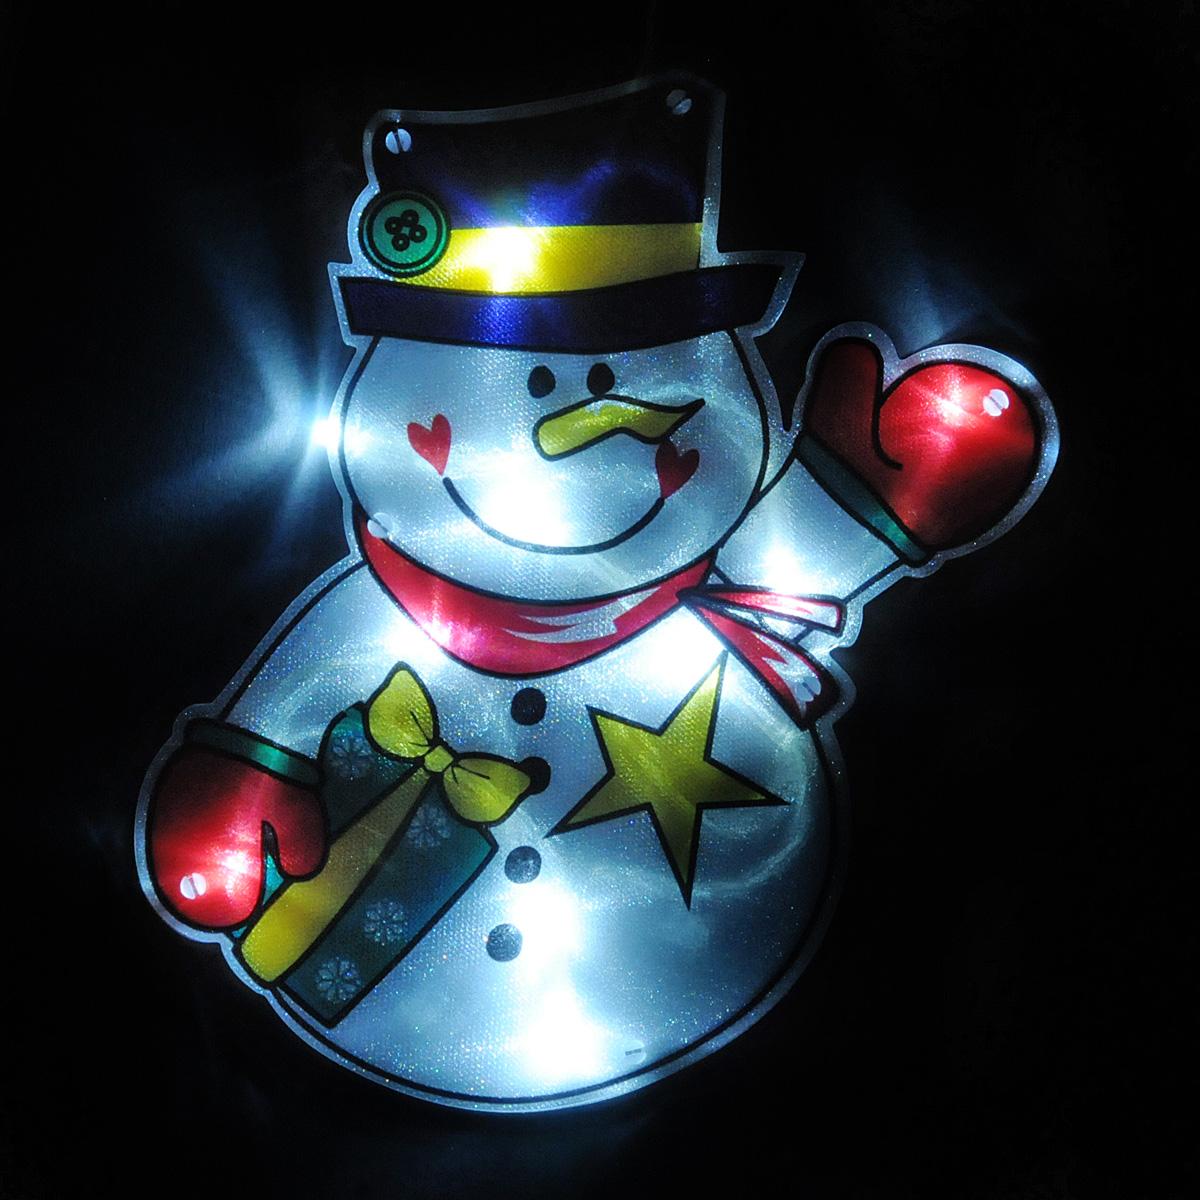 Светильник Lunten Ranta Снеговик, 17 см х 21 см235-135Светильник Lunten Ranta Снеговик выполнен из высококачественного пластика. Особенностью данной фигурки является наличие светодиодного устройства, благодаря которому украшение светится. Светильник оснащен силиконовой присоской для крепления к стеклу.Такой оригинальный светильник оформит интерьер вашего дома или офиса в преддверии Нового года. Оригинальный дизайн и красочное исполнение создадут праздничное настроение. Кроме того, это отличный вариант подарка для ваших близких и друзей.УВАЖАЕМЫЕ КЛИЕНТЫ!Светильник работает от 3-х батареек типа ААА. Батарейки не входят в комплект.